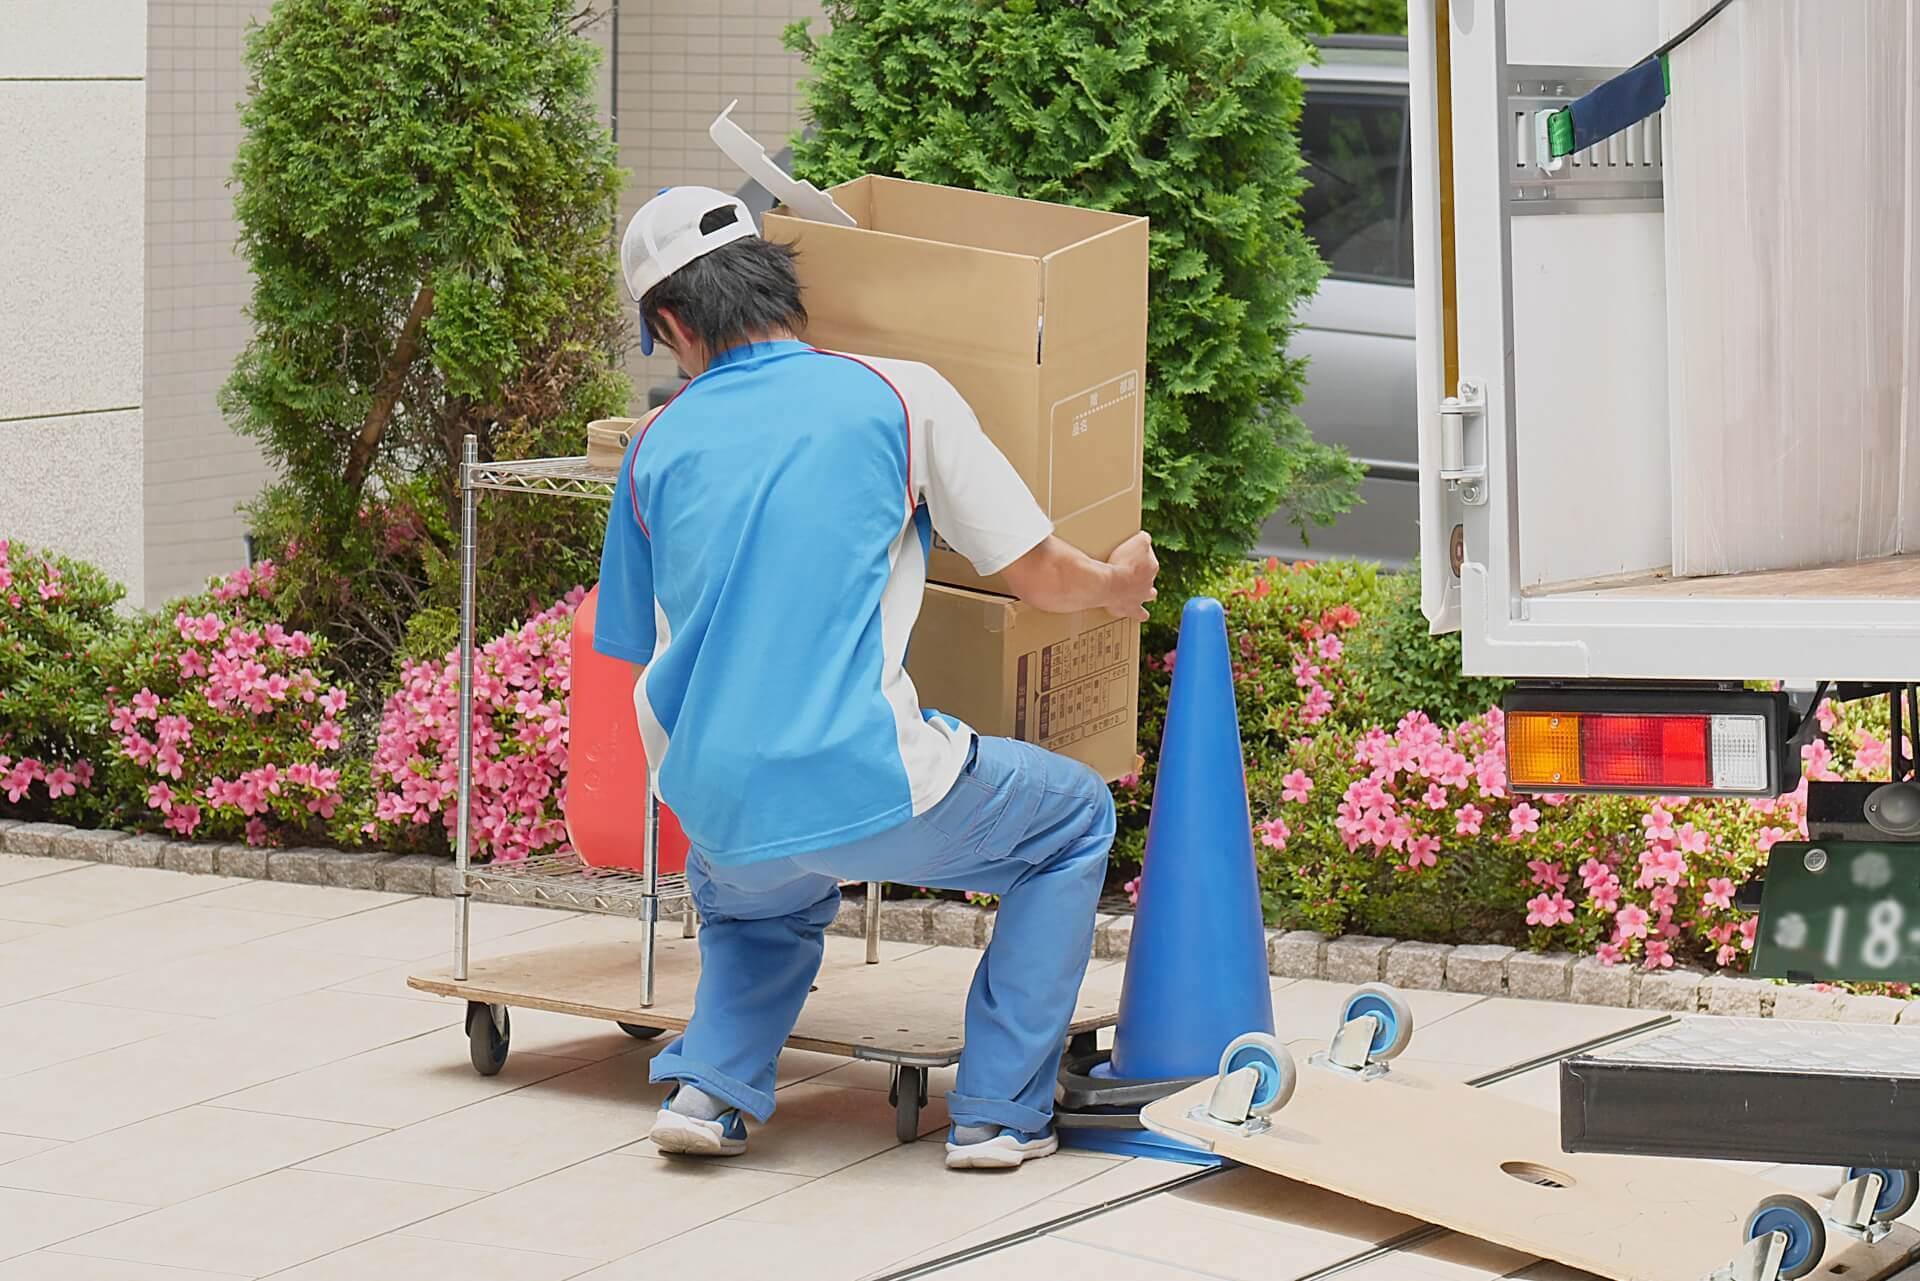 大荷物を運ぶ引っ越し業者